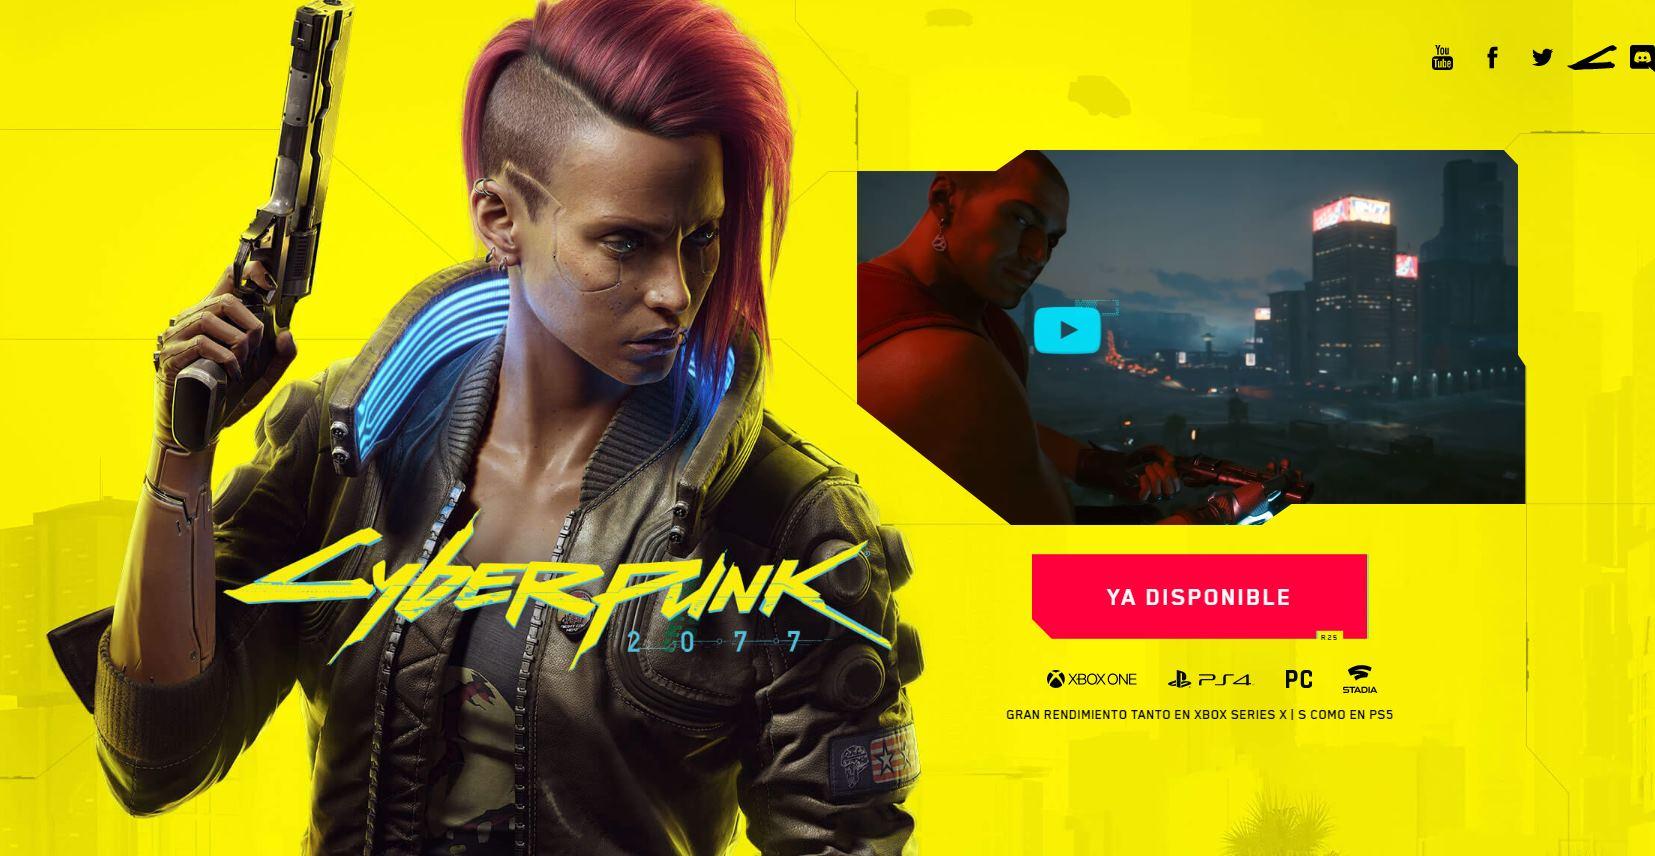 Si no te ha gustado Cyberpunk 2077, te pueden devolver el dinero